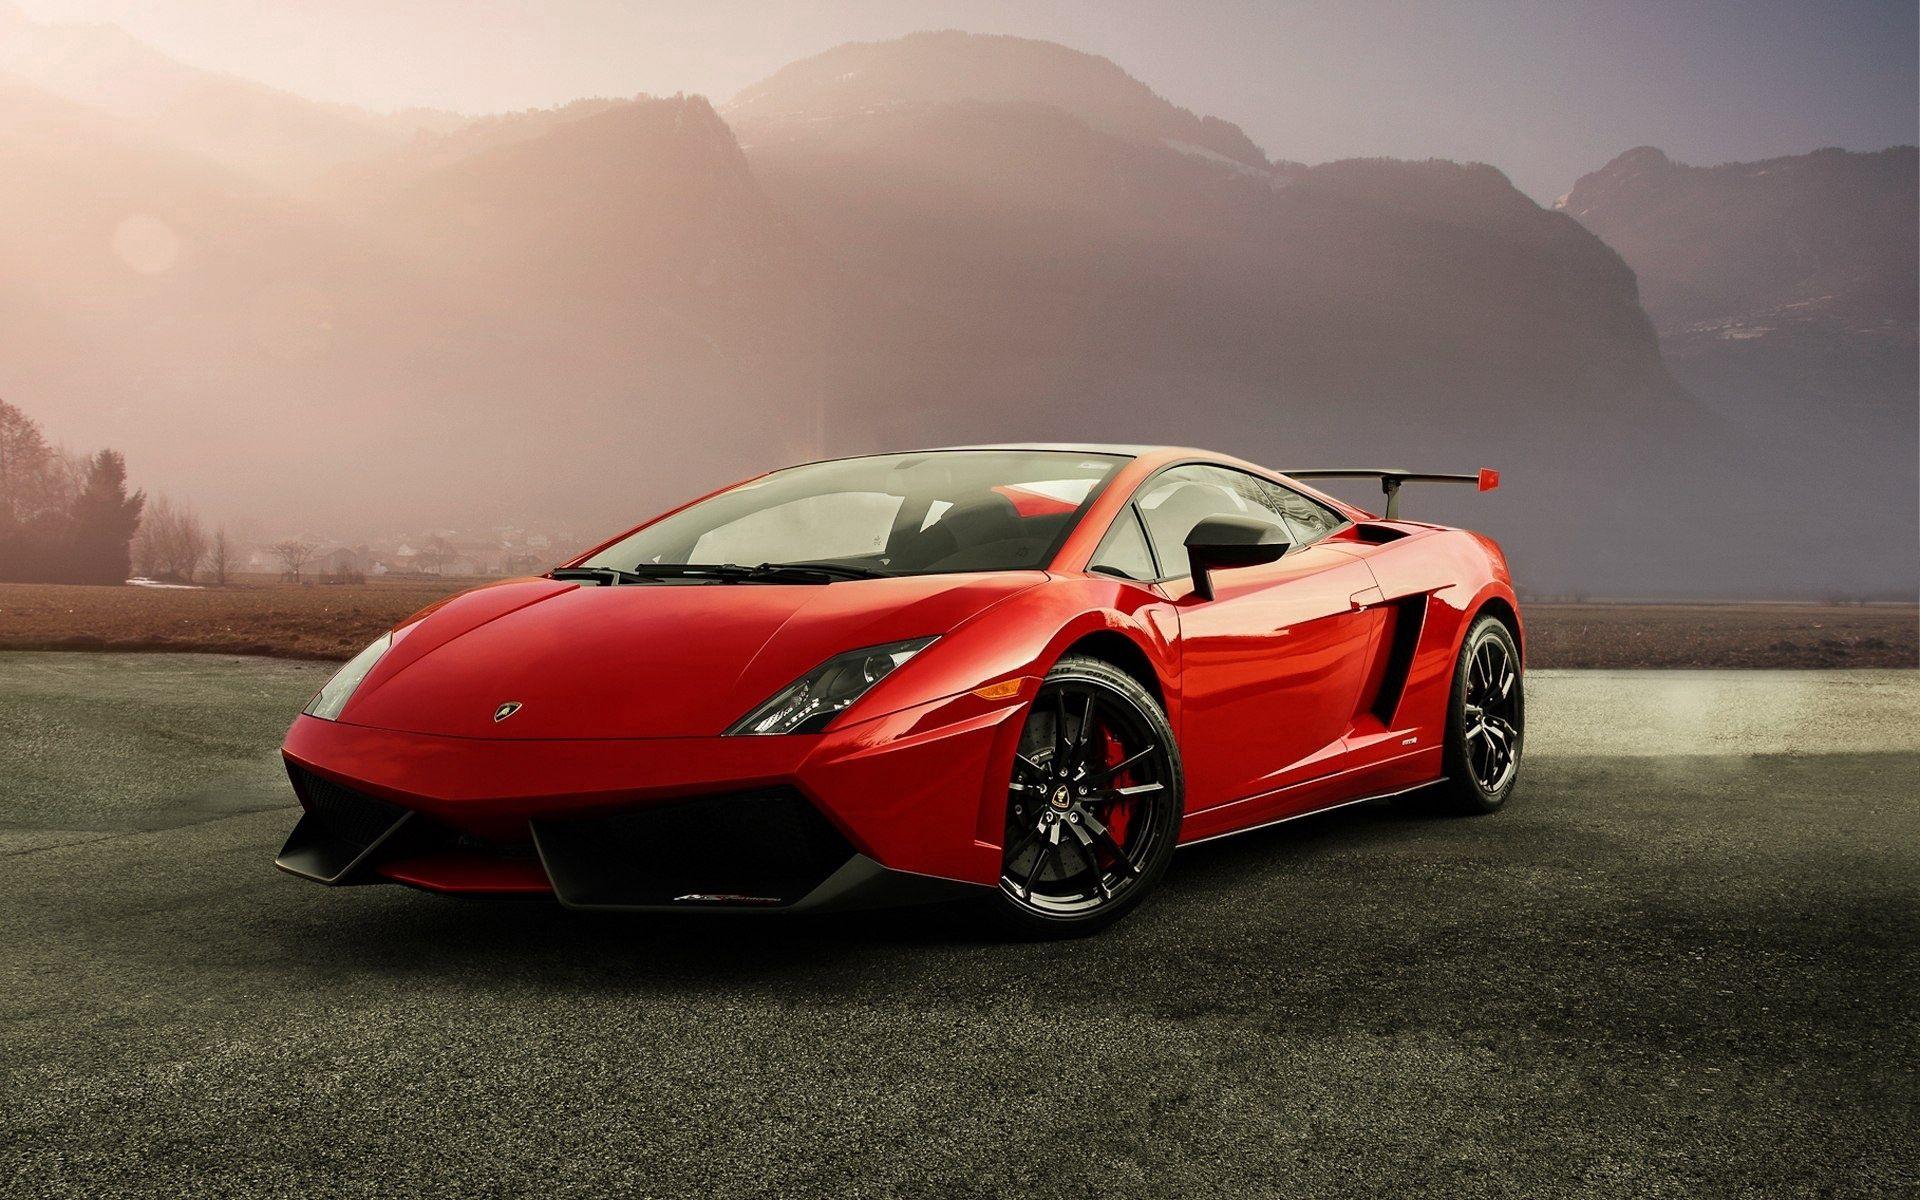 63388 Salvapantallas y fondos de pantalla Automóvil en tu teléfono. Descarga imágenes de Coches, Lamborghini Gallardo, Automóvil, Un Coche, Máquina, Carros gratis